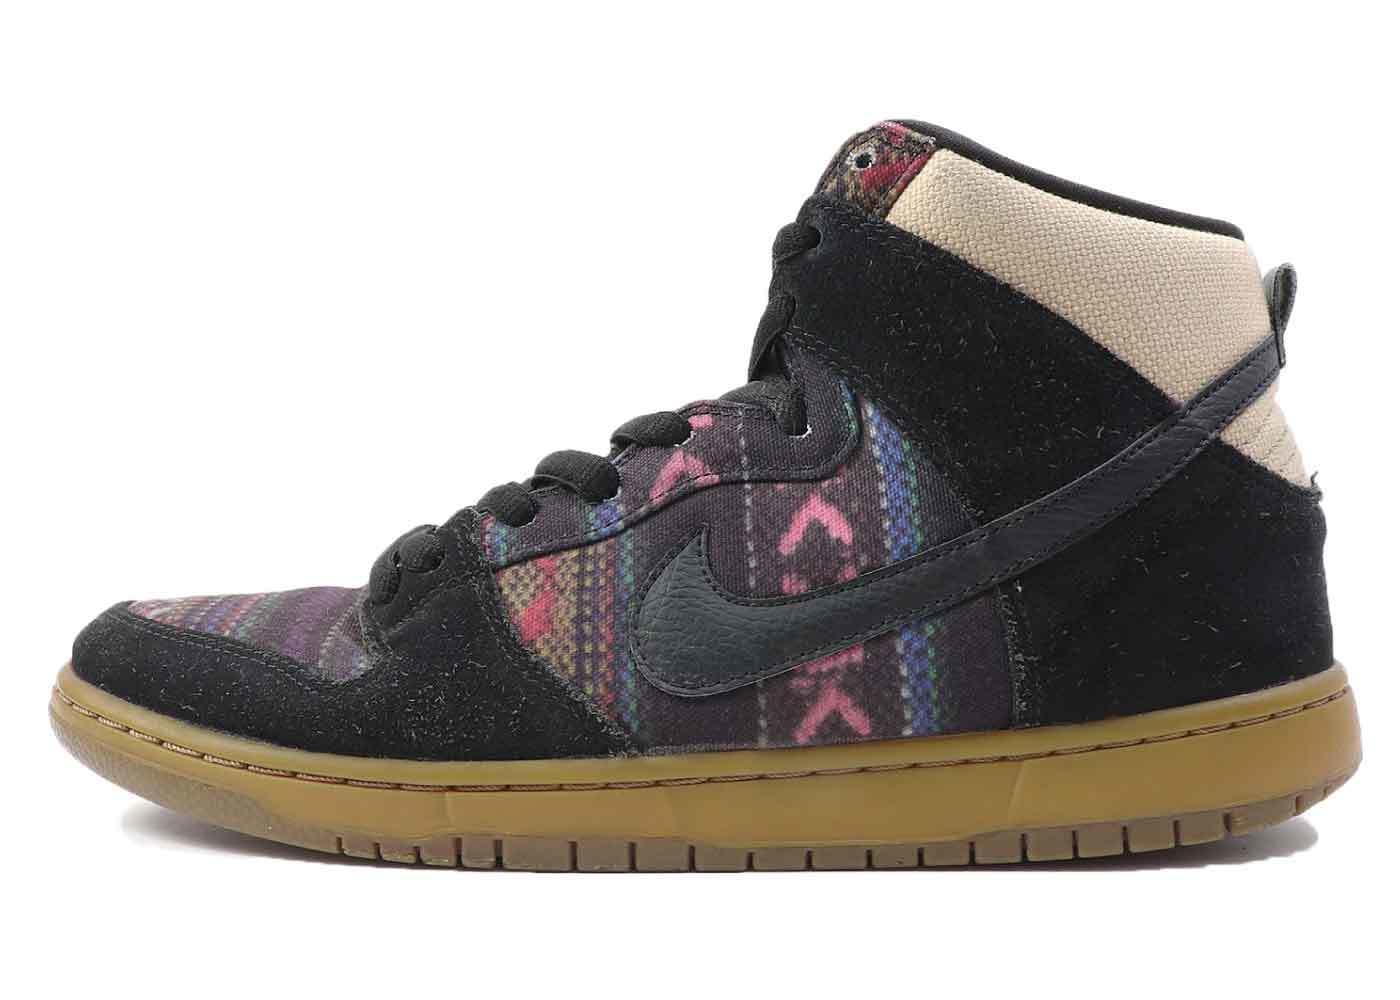 Nike SB Dunk High Hackey Sackの写真